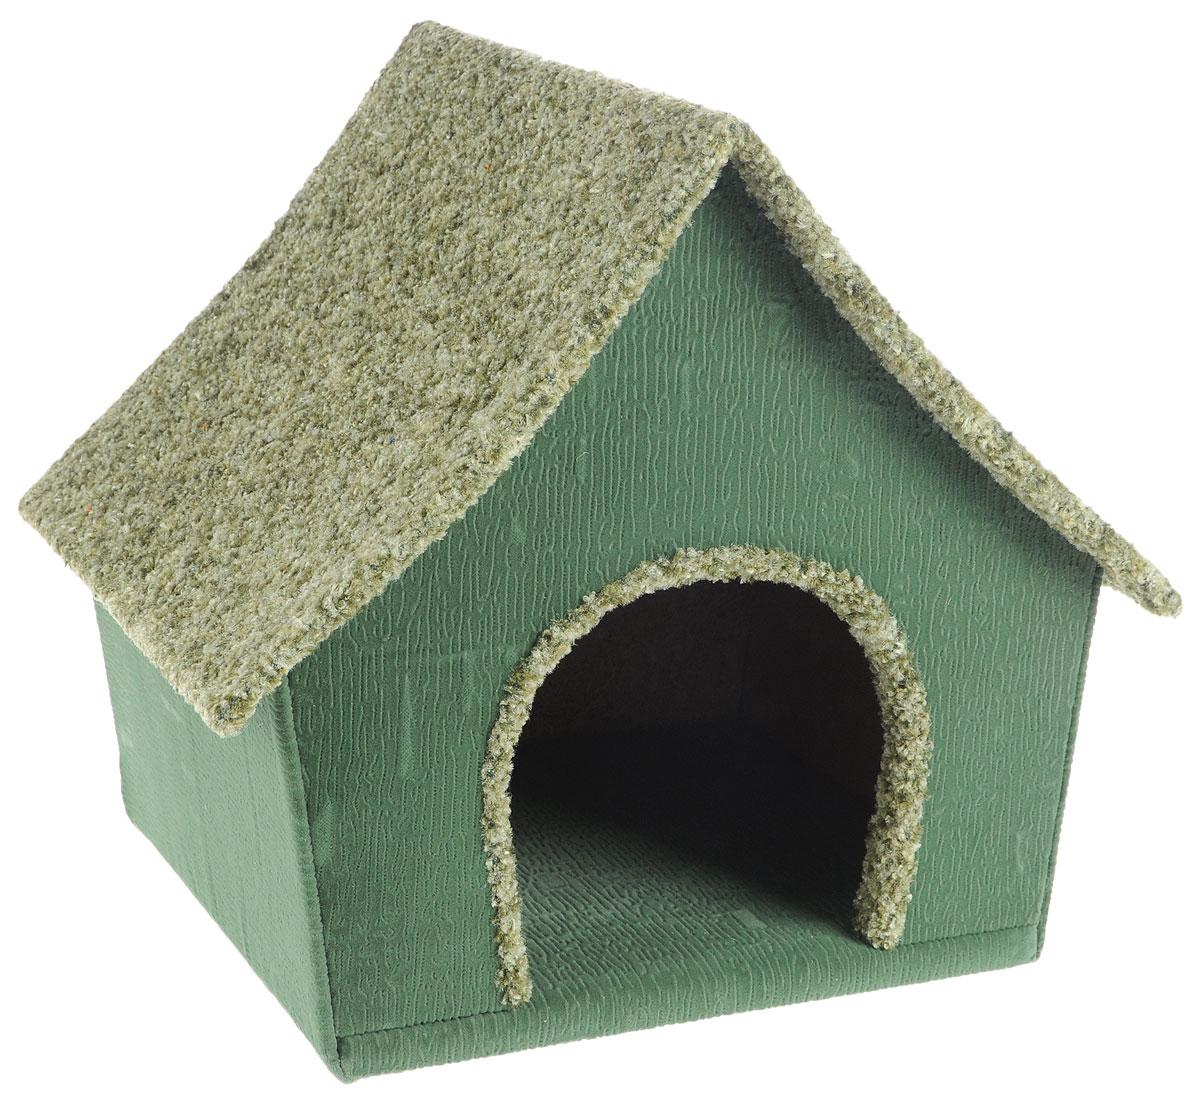 Домик для животных Неженка Китайский, цвет: зеленый, 42 х 36 х 38 см7317_зеленыйБольшой, уютный домик Китайский, выполненный из ДСП, обитый тканью, отлично подойдет для вашего любимца. Такой домик станет не только идеальным местом для сна вашего питомца, но и местом для отдыха. Для максимального комфорта наружные части обтянуты мягкой тканью. Изделие имеет большой вход.Удобный и мягкий, он станет не только отличным домиком для вашего любимца, но еще и оригинальным украшением интерьера.